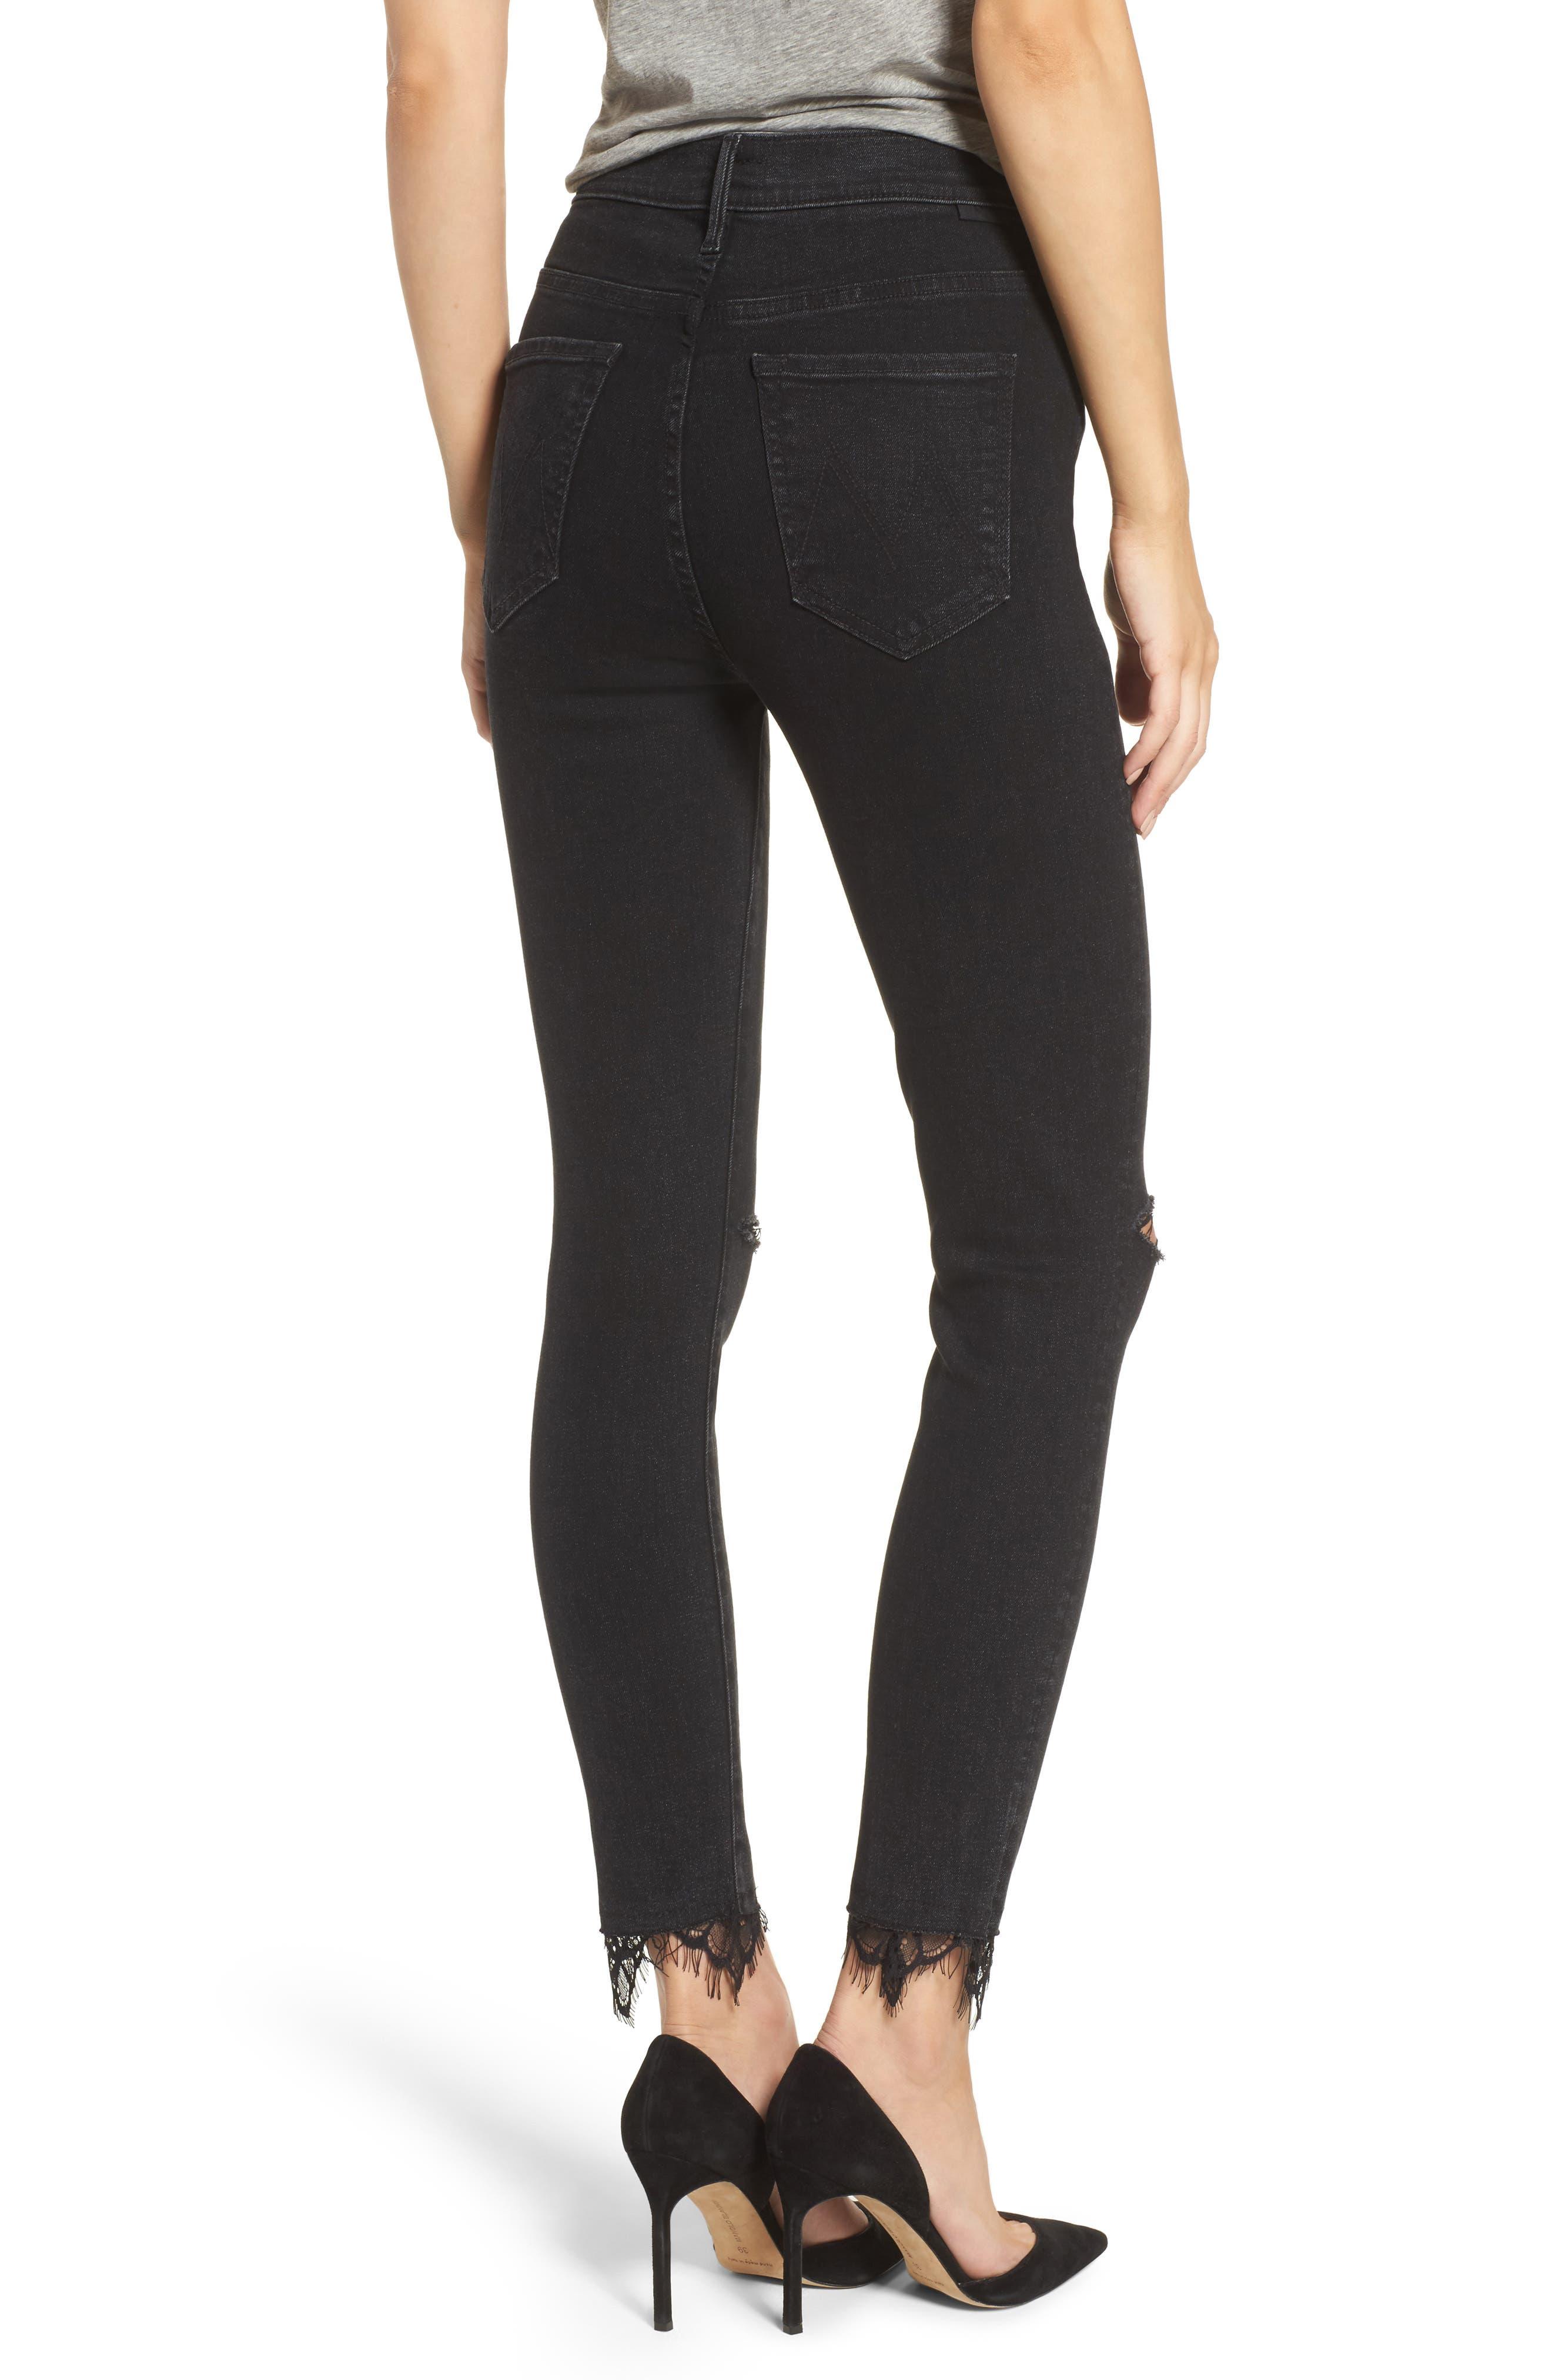 Swooner Dagger Ankle Skinny Jeans,                             Alternate thumbnail 2, color,                             001